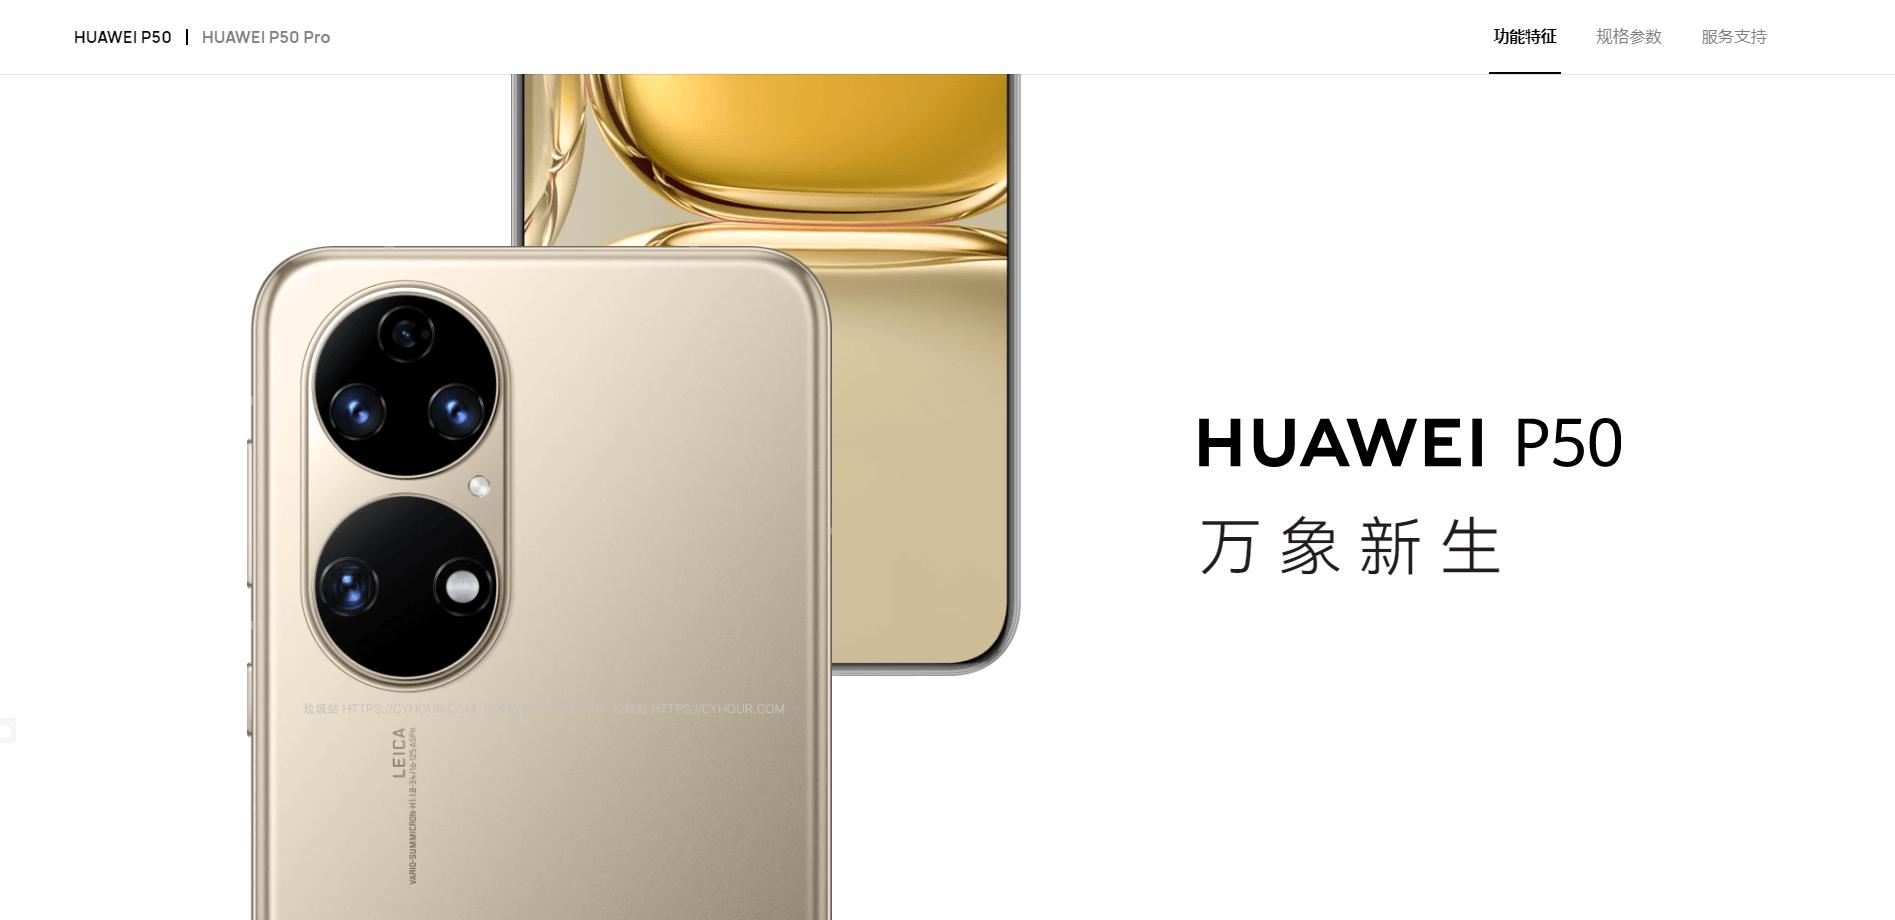 华为 Huawei P50 Pro 官方内置高清壁纸下载-垃圾站